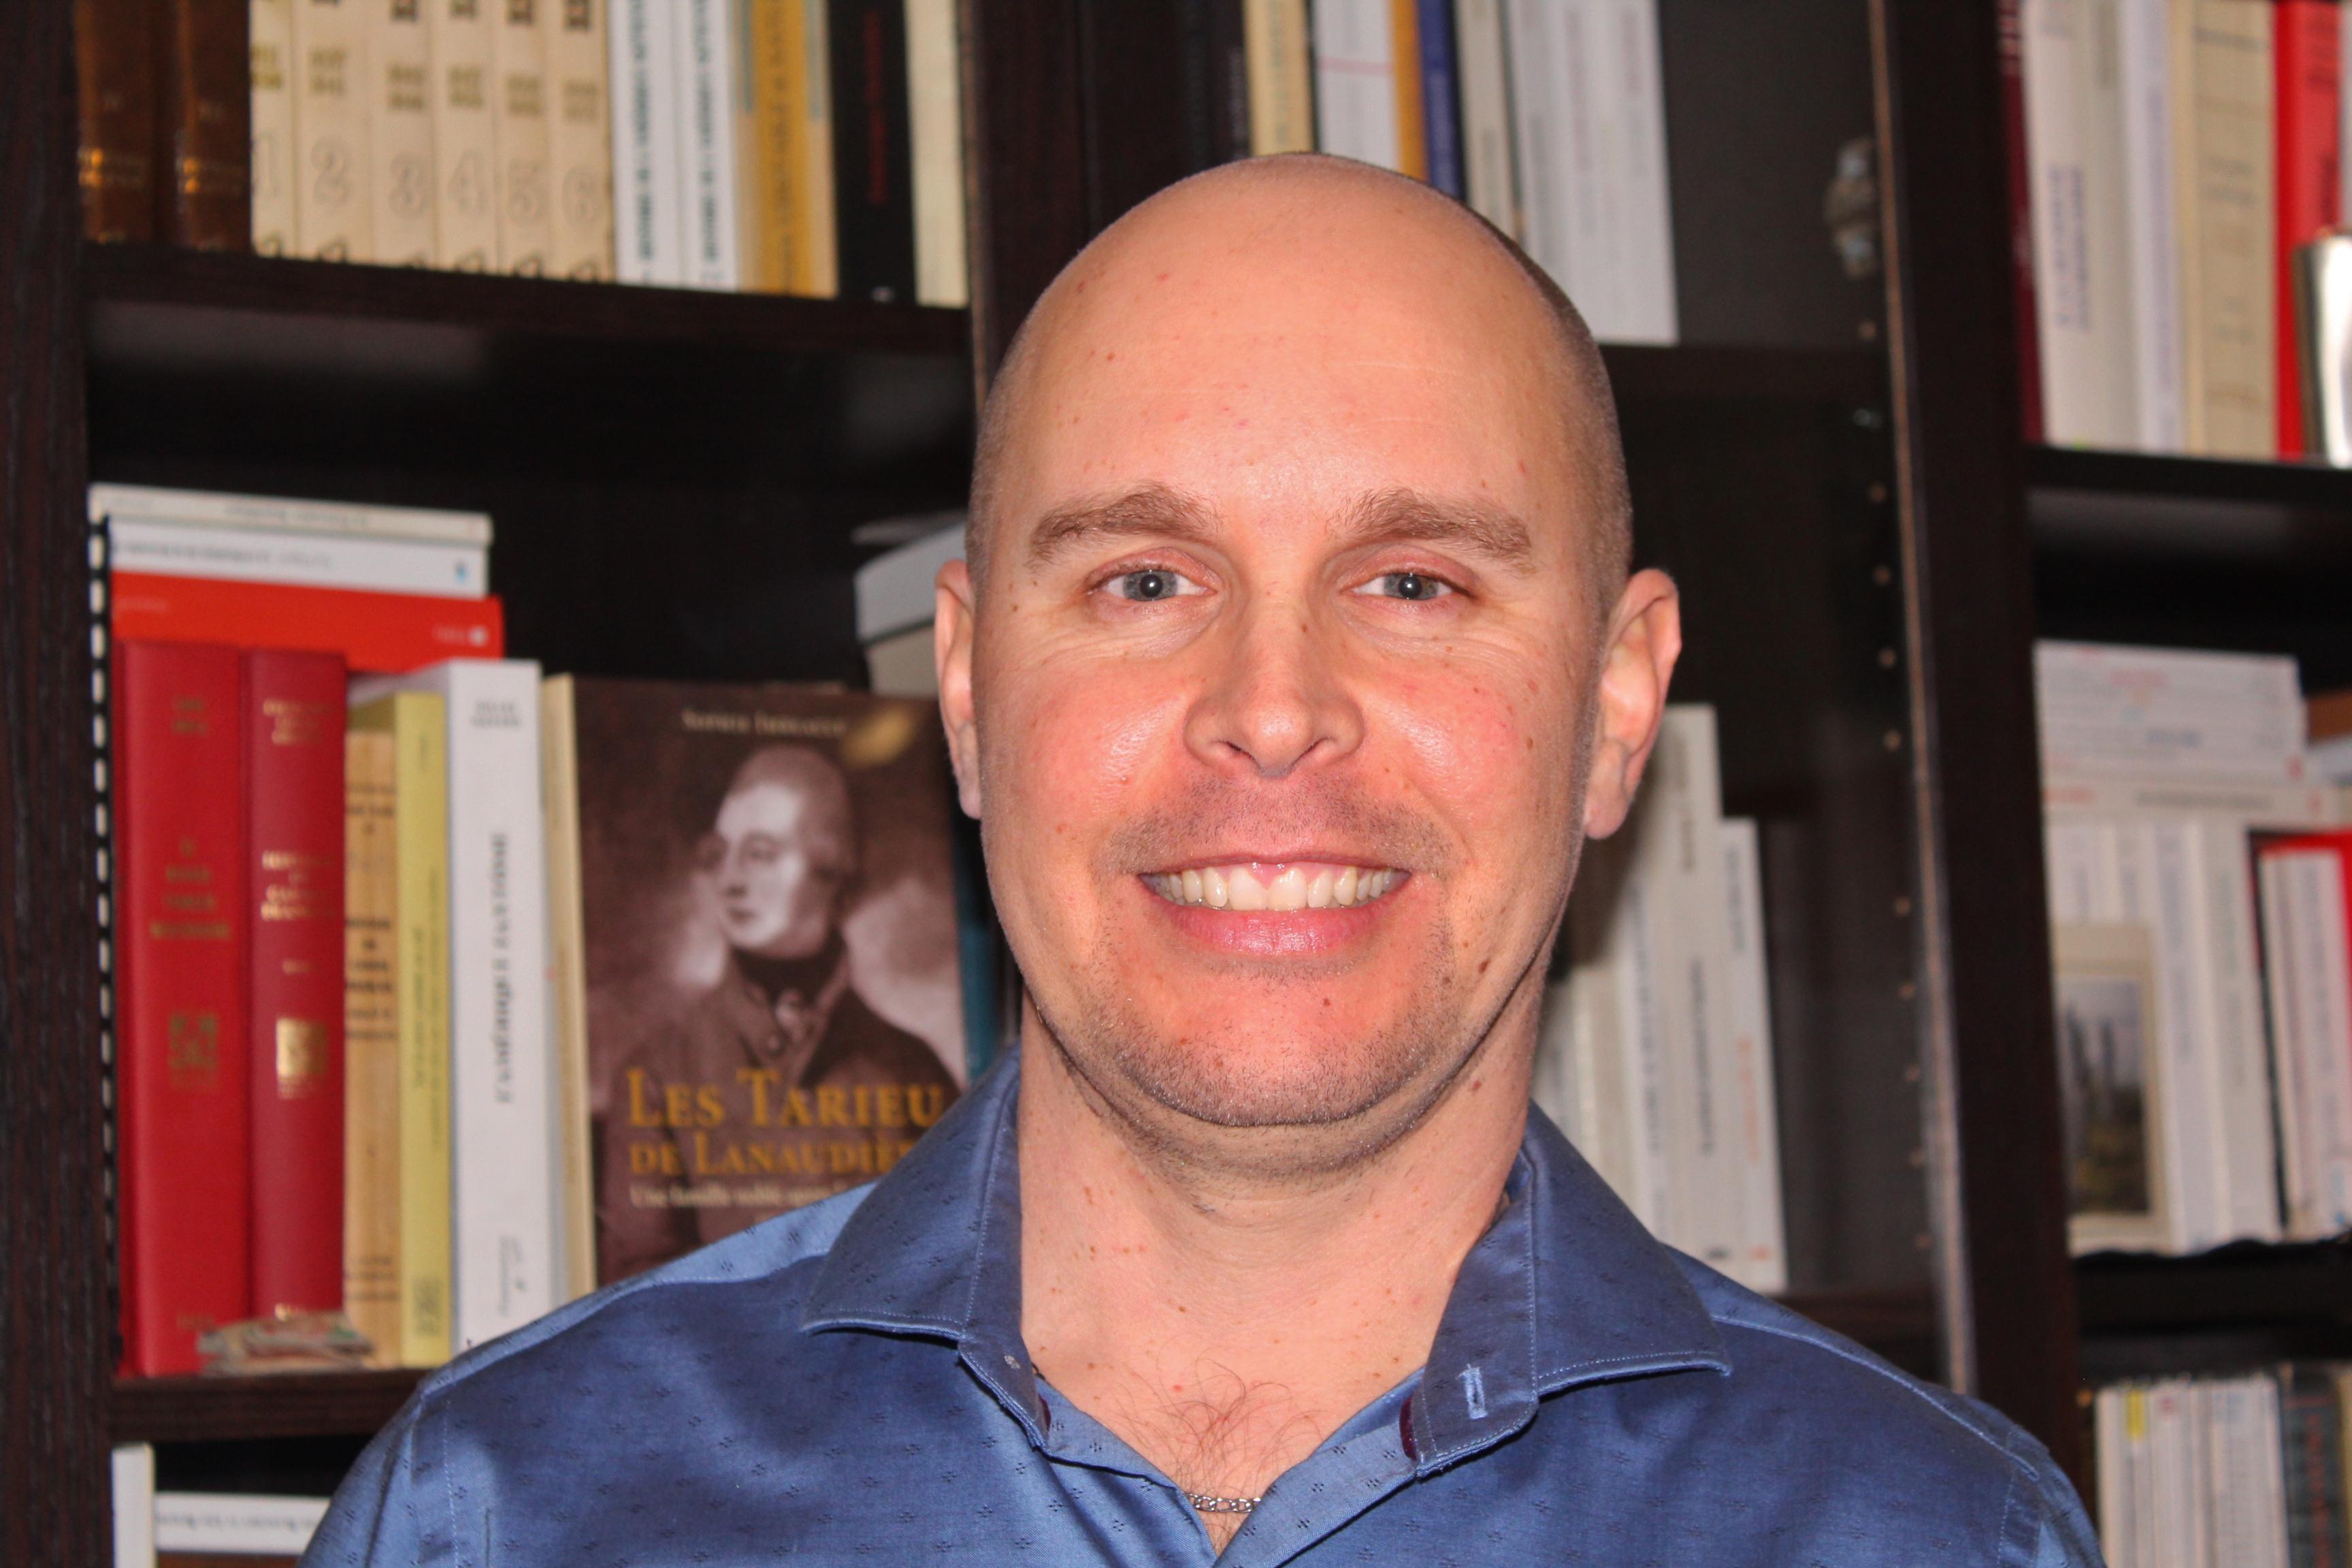 Martin Lavallée